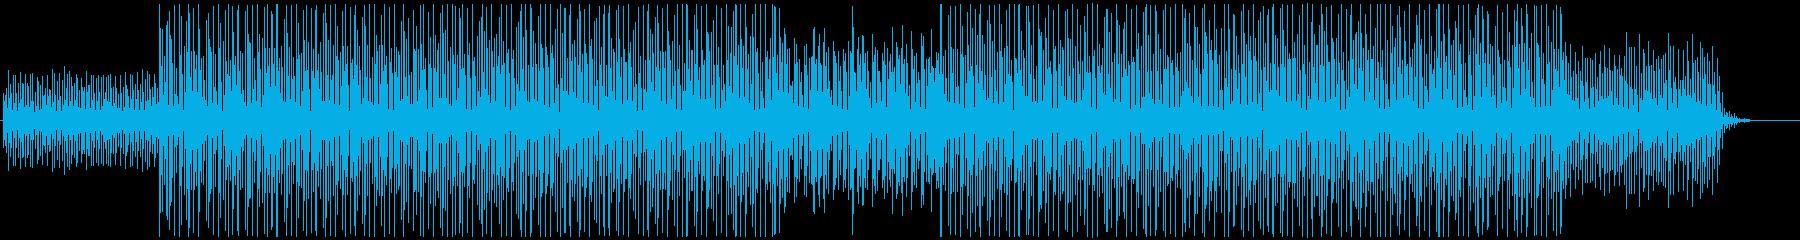 理科・実験・パズル/可愛いテクノポップの再生済みの波形